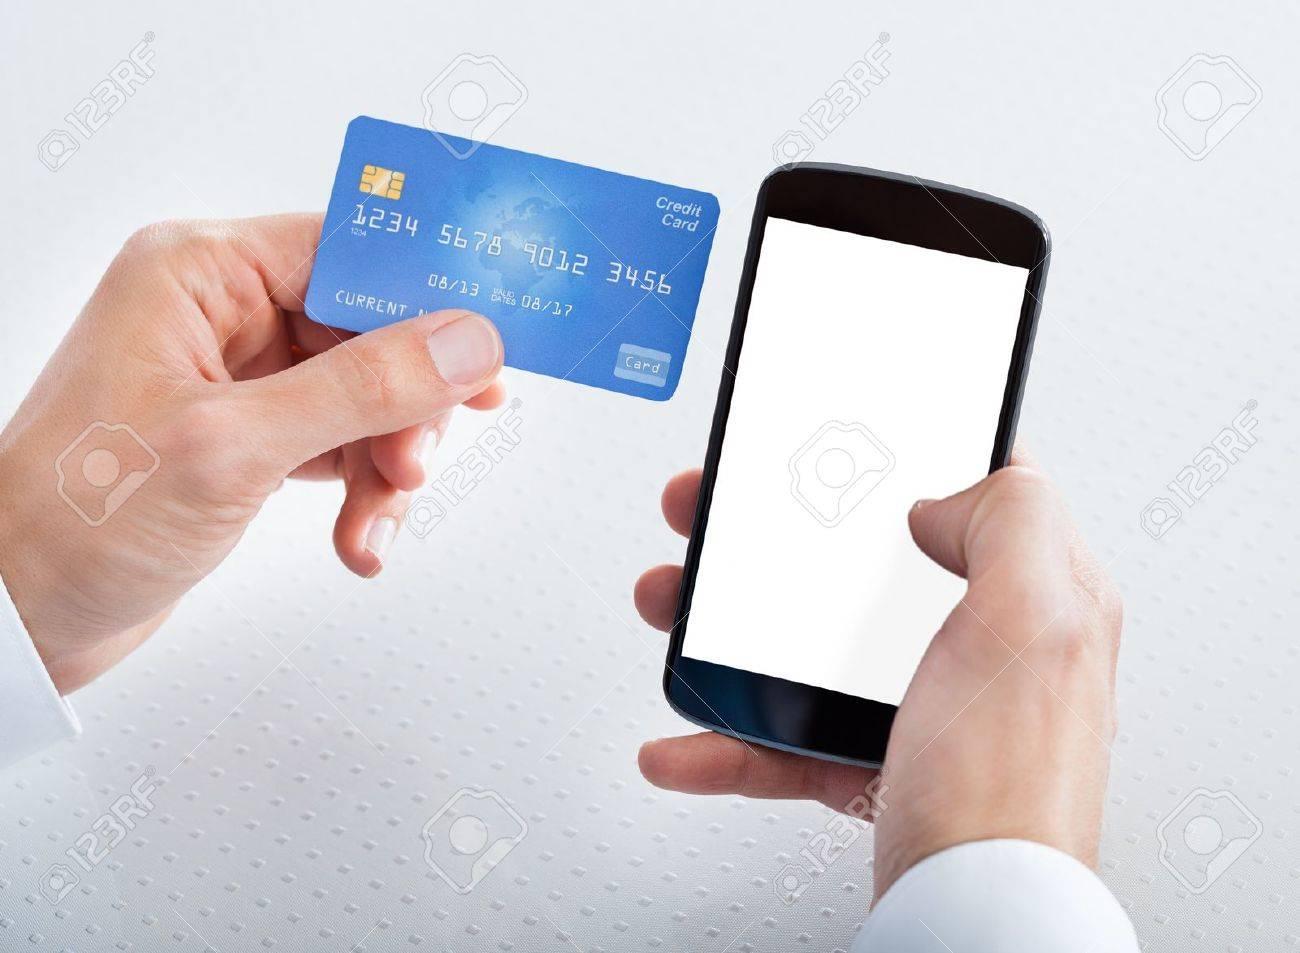 Man Hält Kreditkarte Und Handy-Checking Account Balance